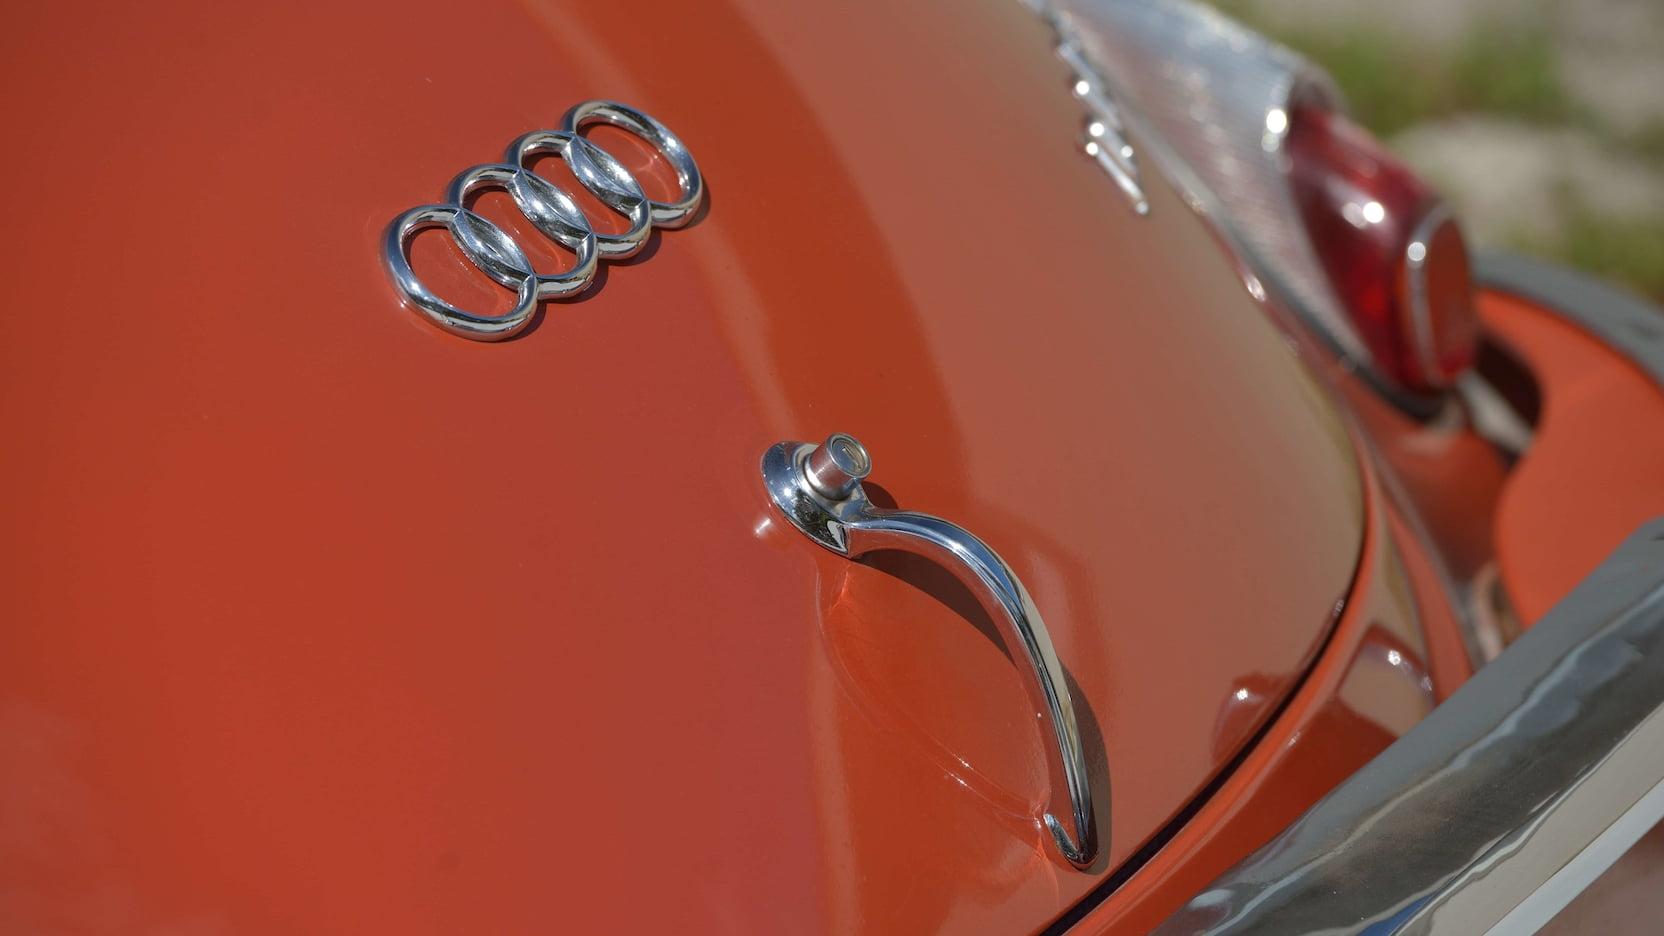 На продажу выставят раритетное купе с эмблемой Audi. Но это не Audi